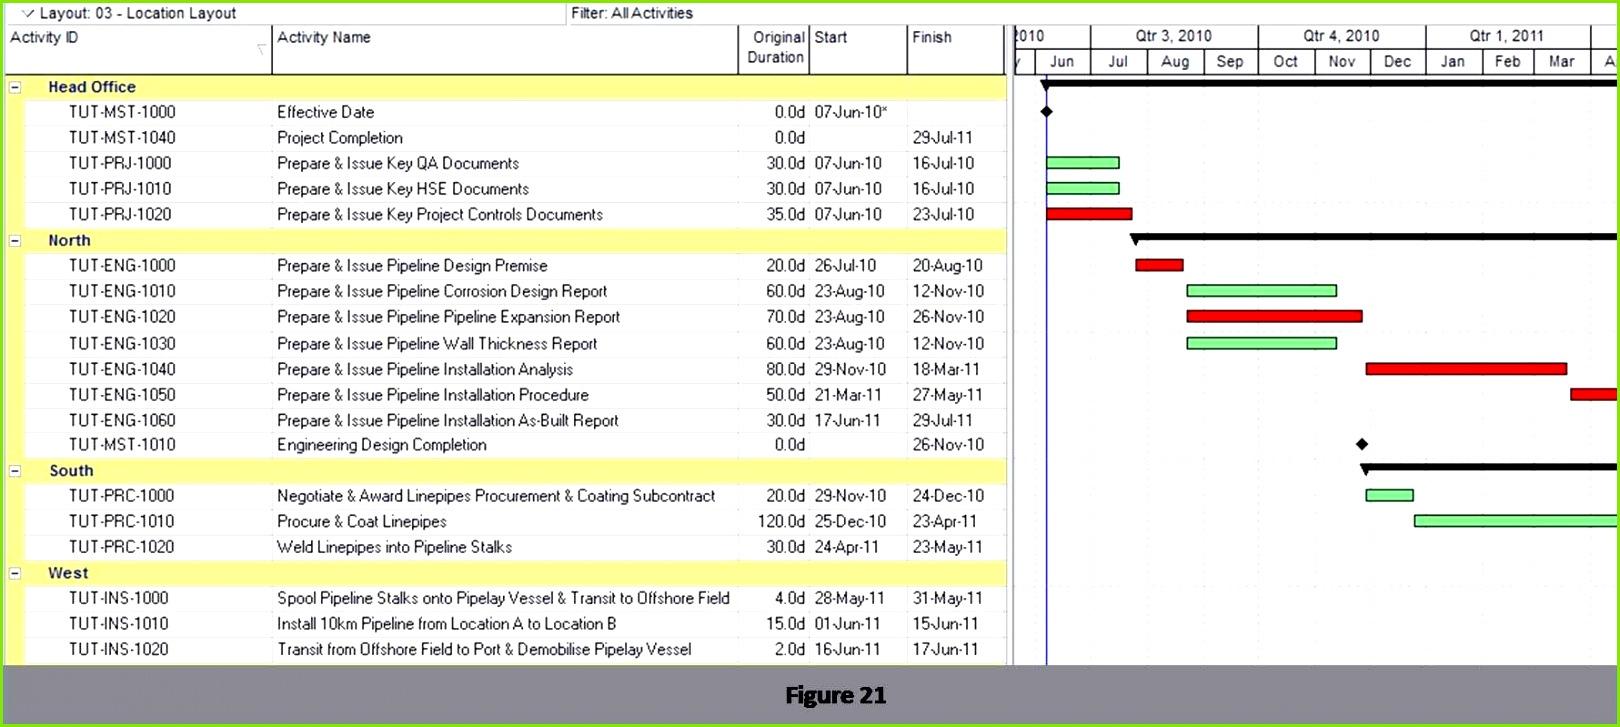 Excel Haushaltsbuch Vorlage Frisch Haushaltsbuch Excel Vorlage Inspirierend 15 Haushaltsbuch Muster Herunterladbare Excel Haushaltsbuch Vorlage